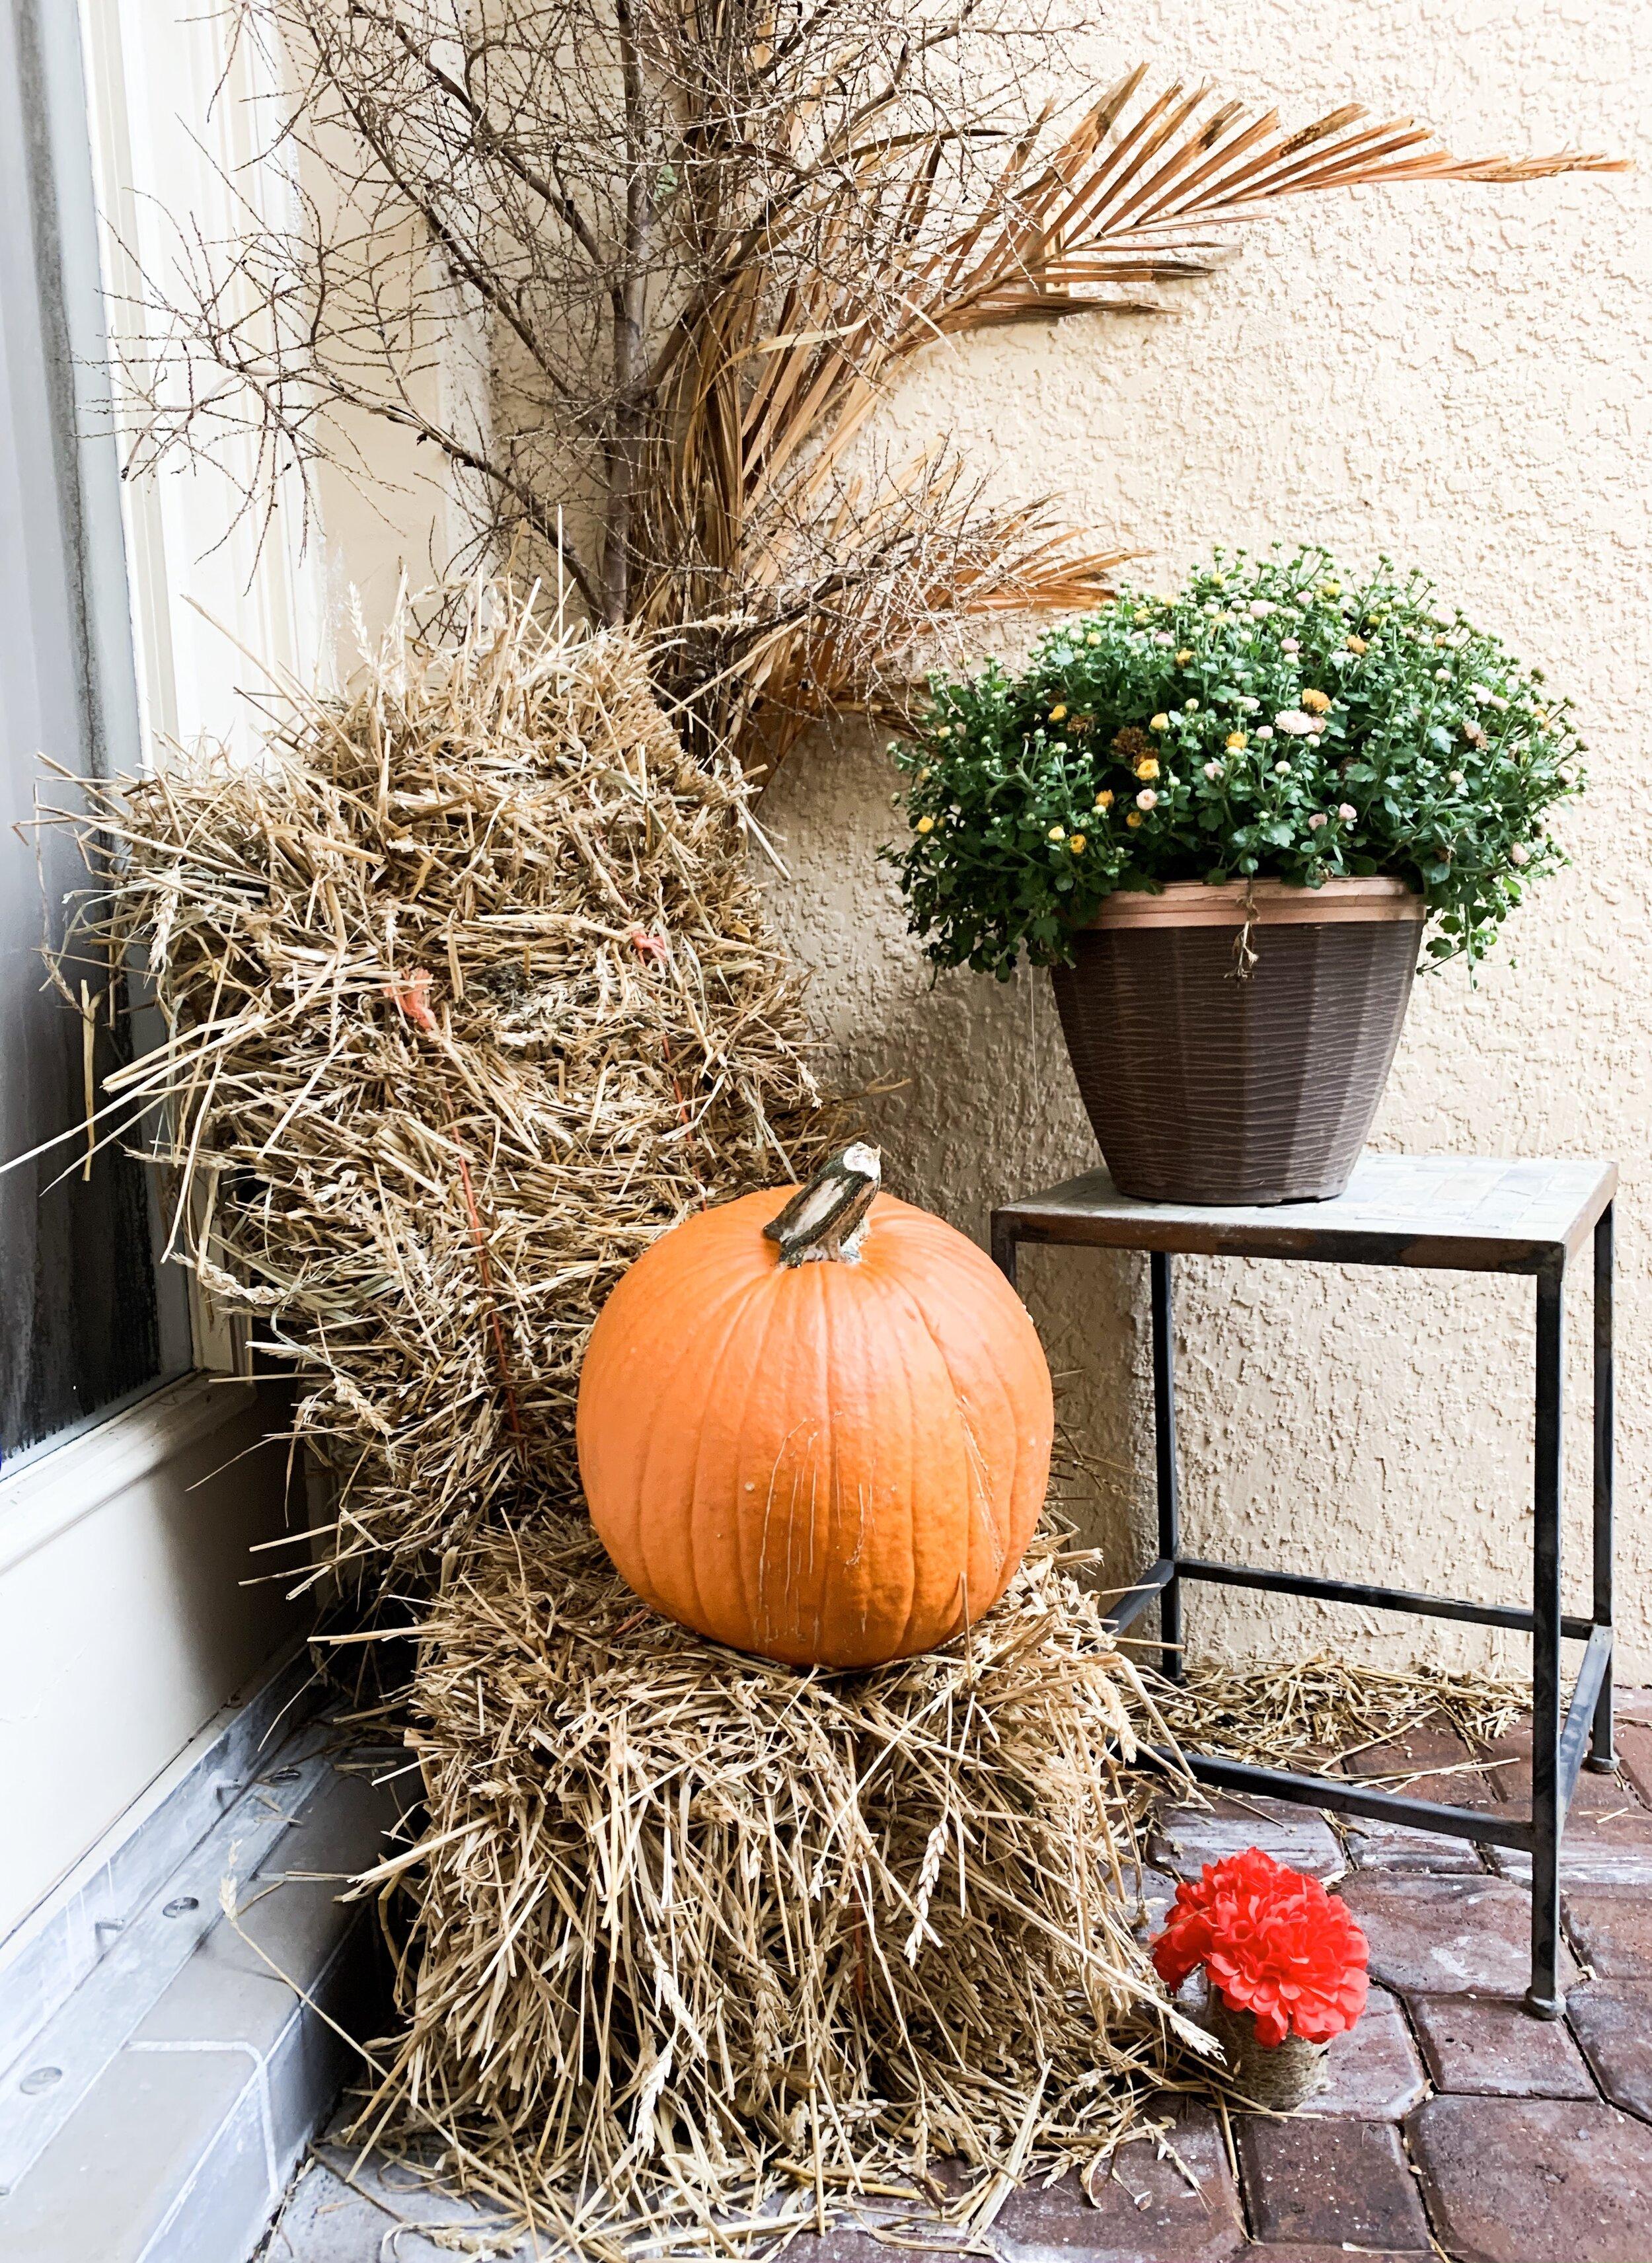 Pumpkins $4.99 from Winn-Dixie